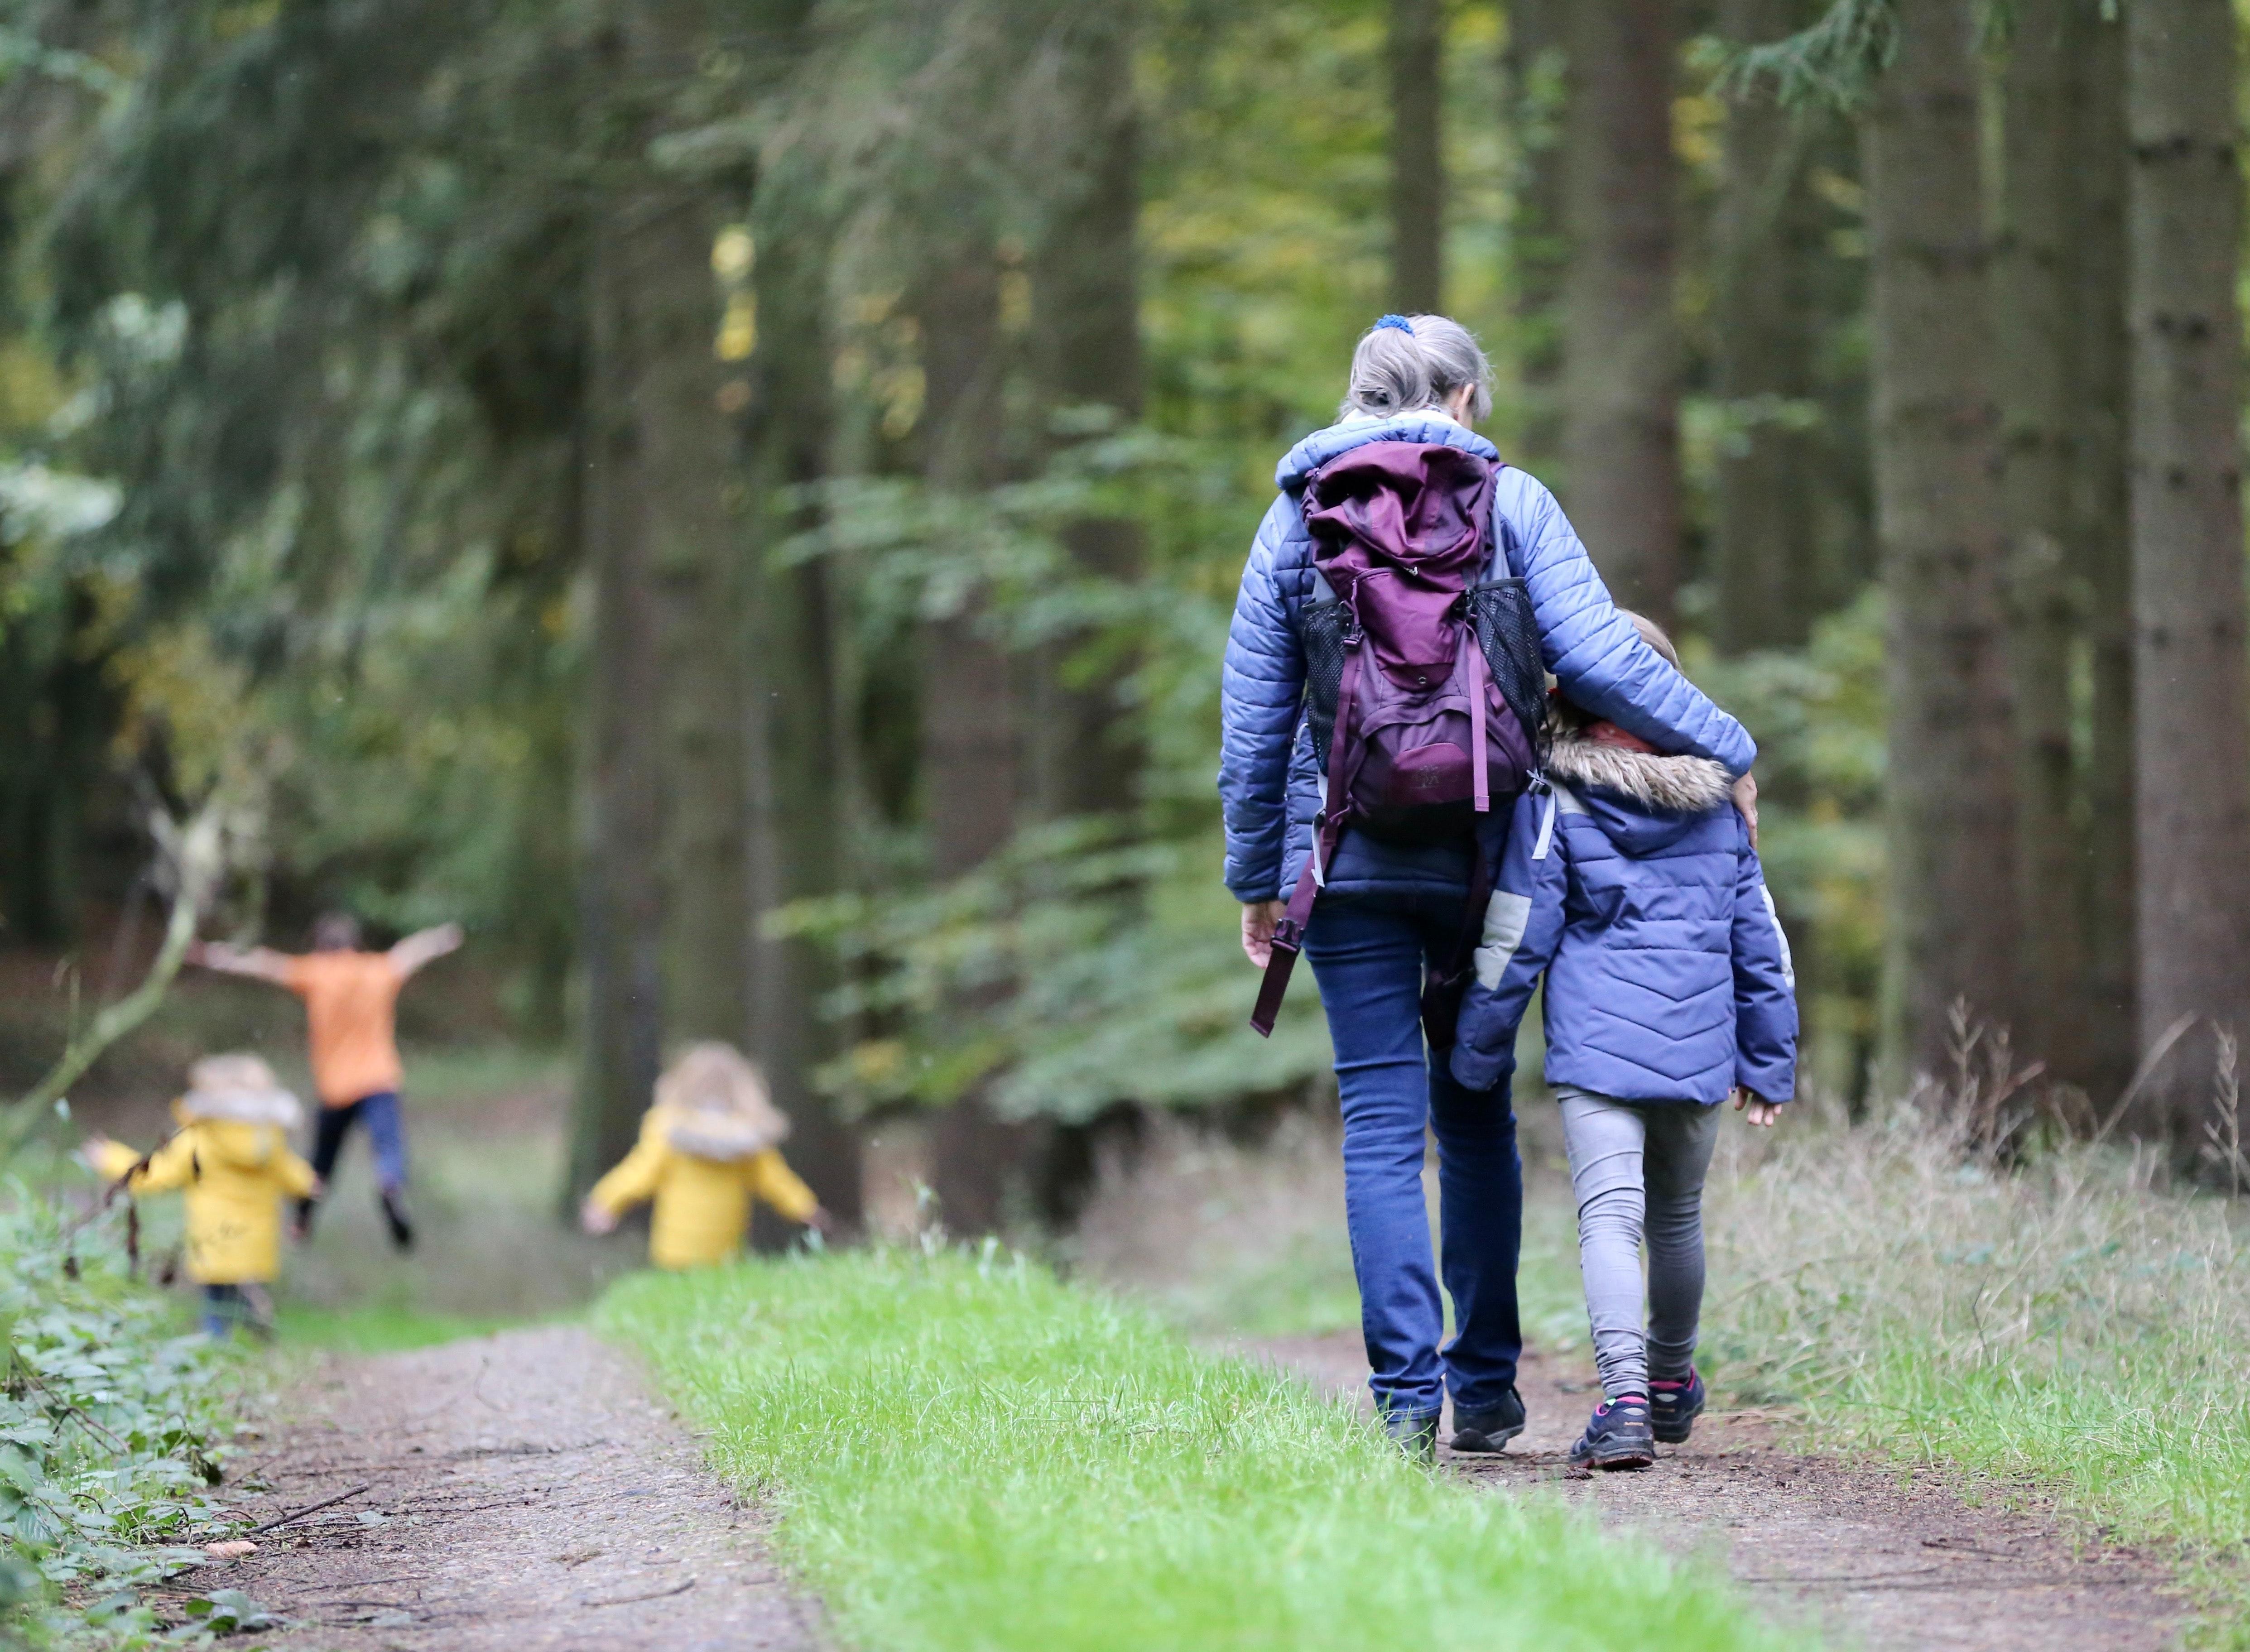 Kuvituskuvassa lapsia aikuisen kanssa metsässä ulkoilemassa.